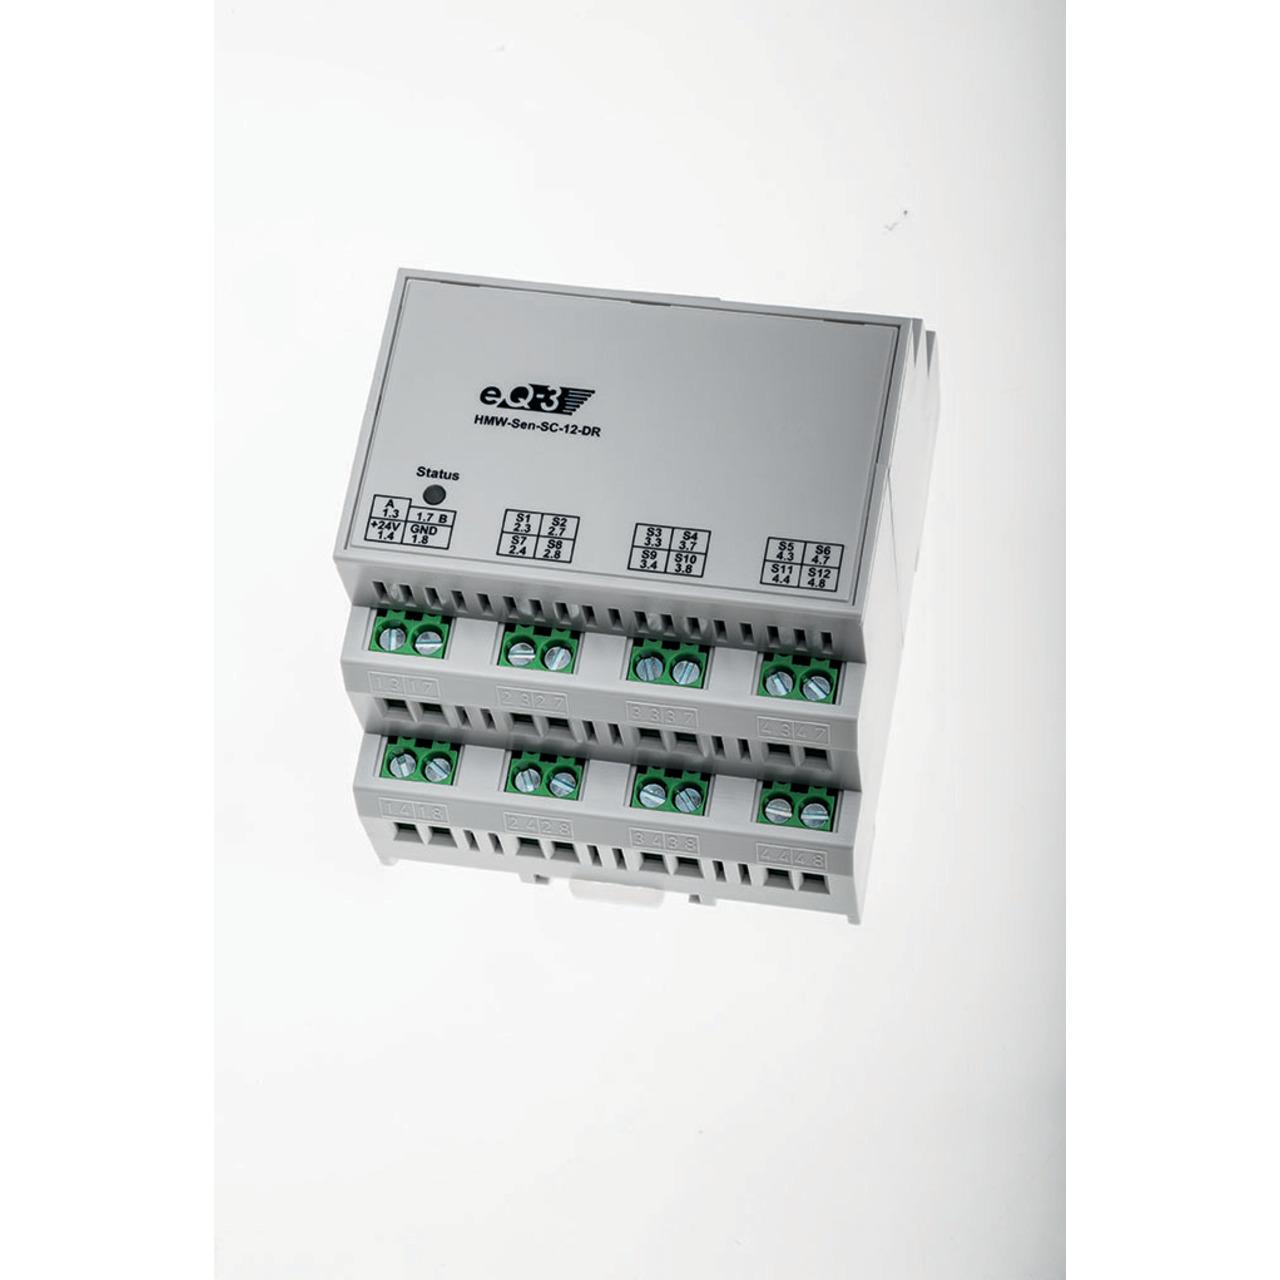 Homematic Wired RS485 Schliesserkontakt- 12 Eingänge- Hutschienenmontage HMW-Sen-SC-12-DR